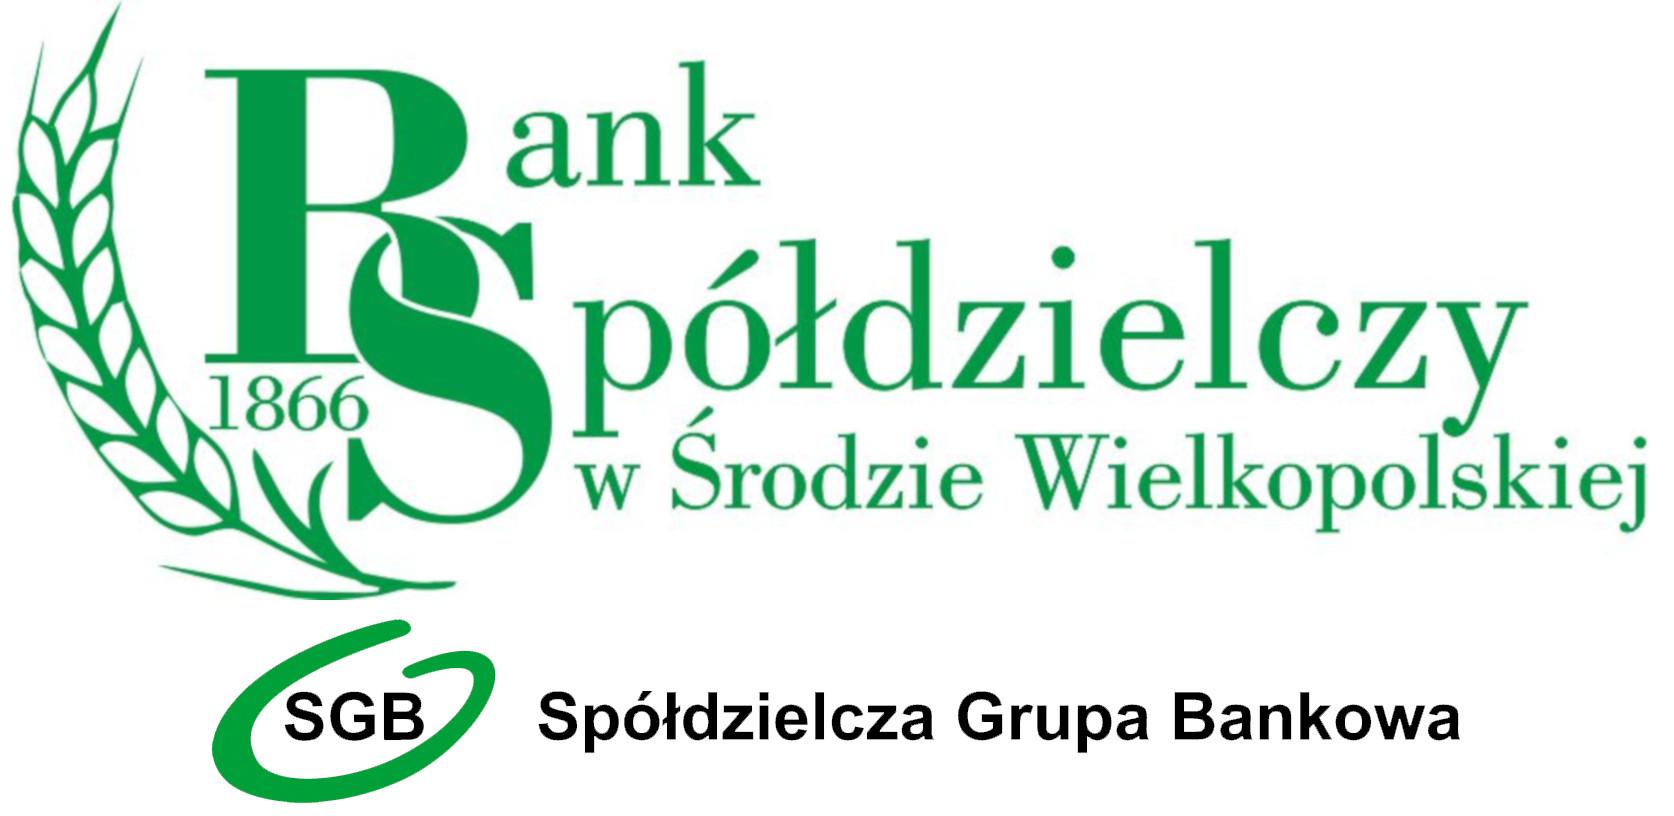 Strona główna - Bank Spółdzielczy w Środzie Wielkopolskiej